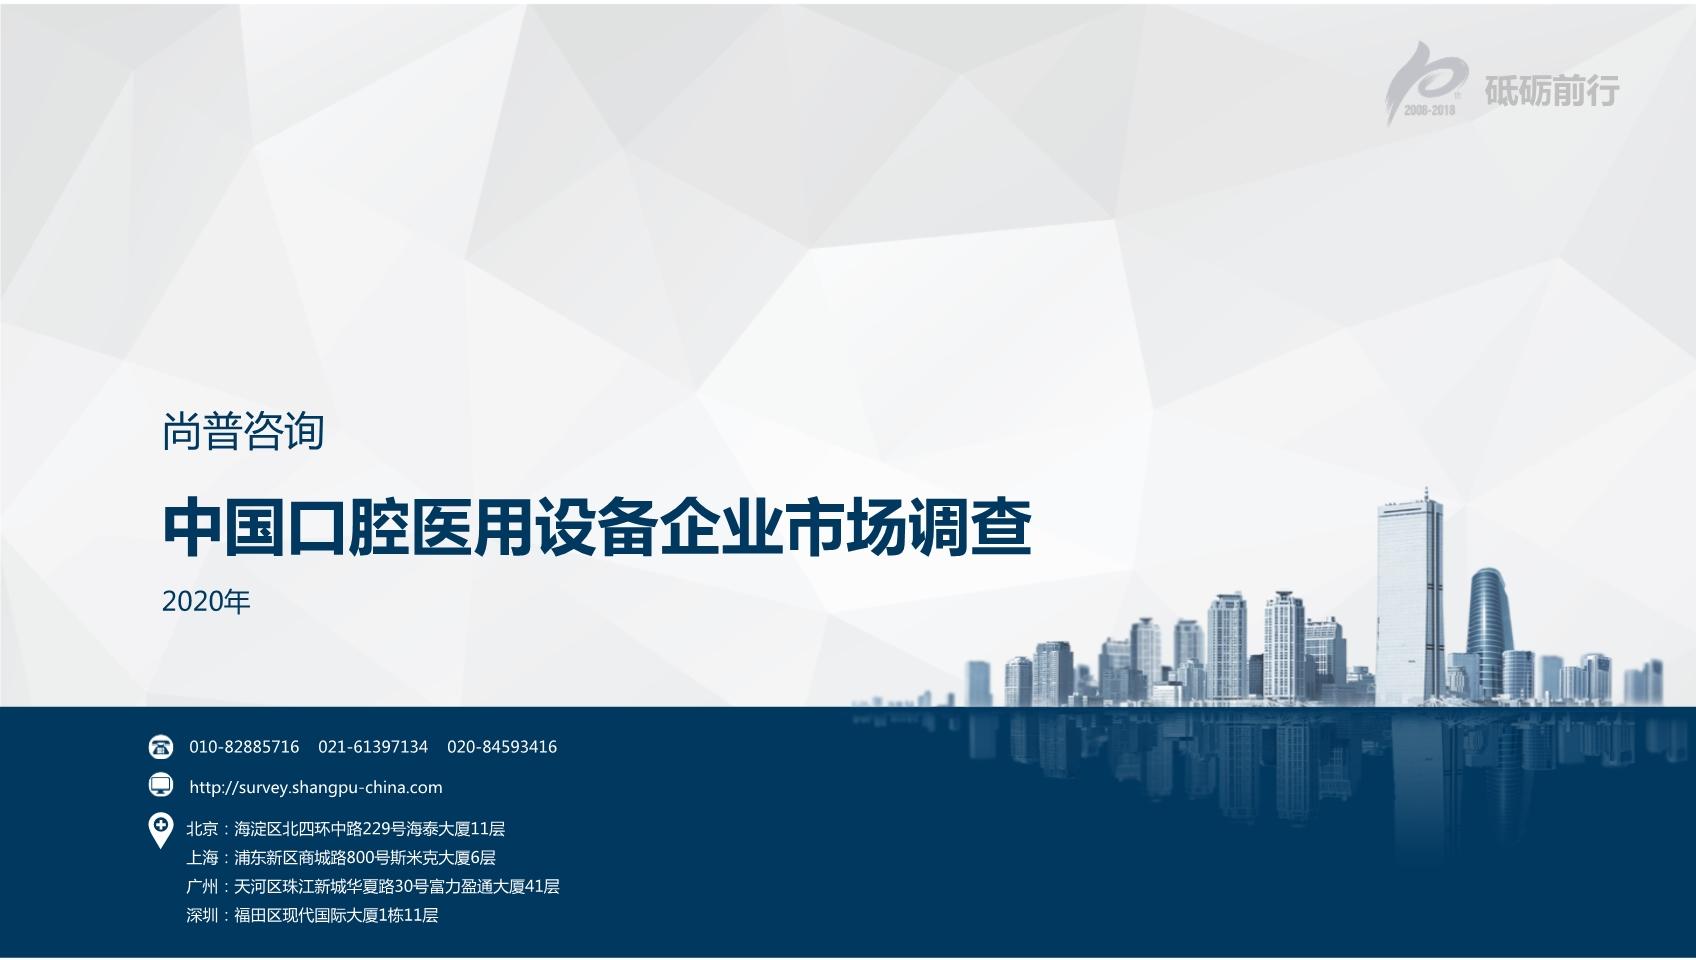 尚普咨询:2020年中国口腔医用设备企业市场调查